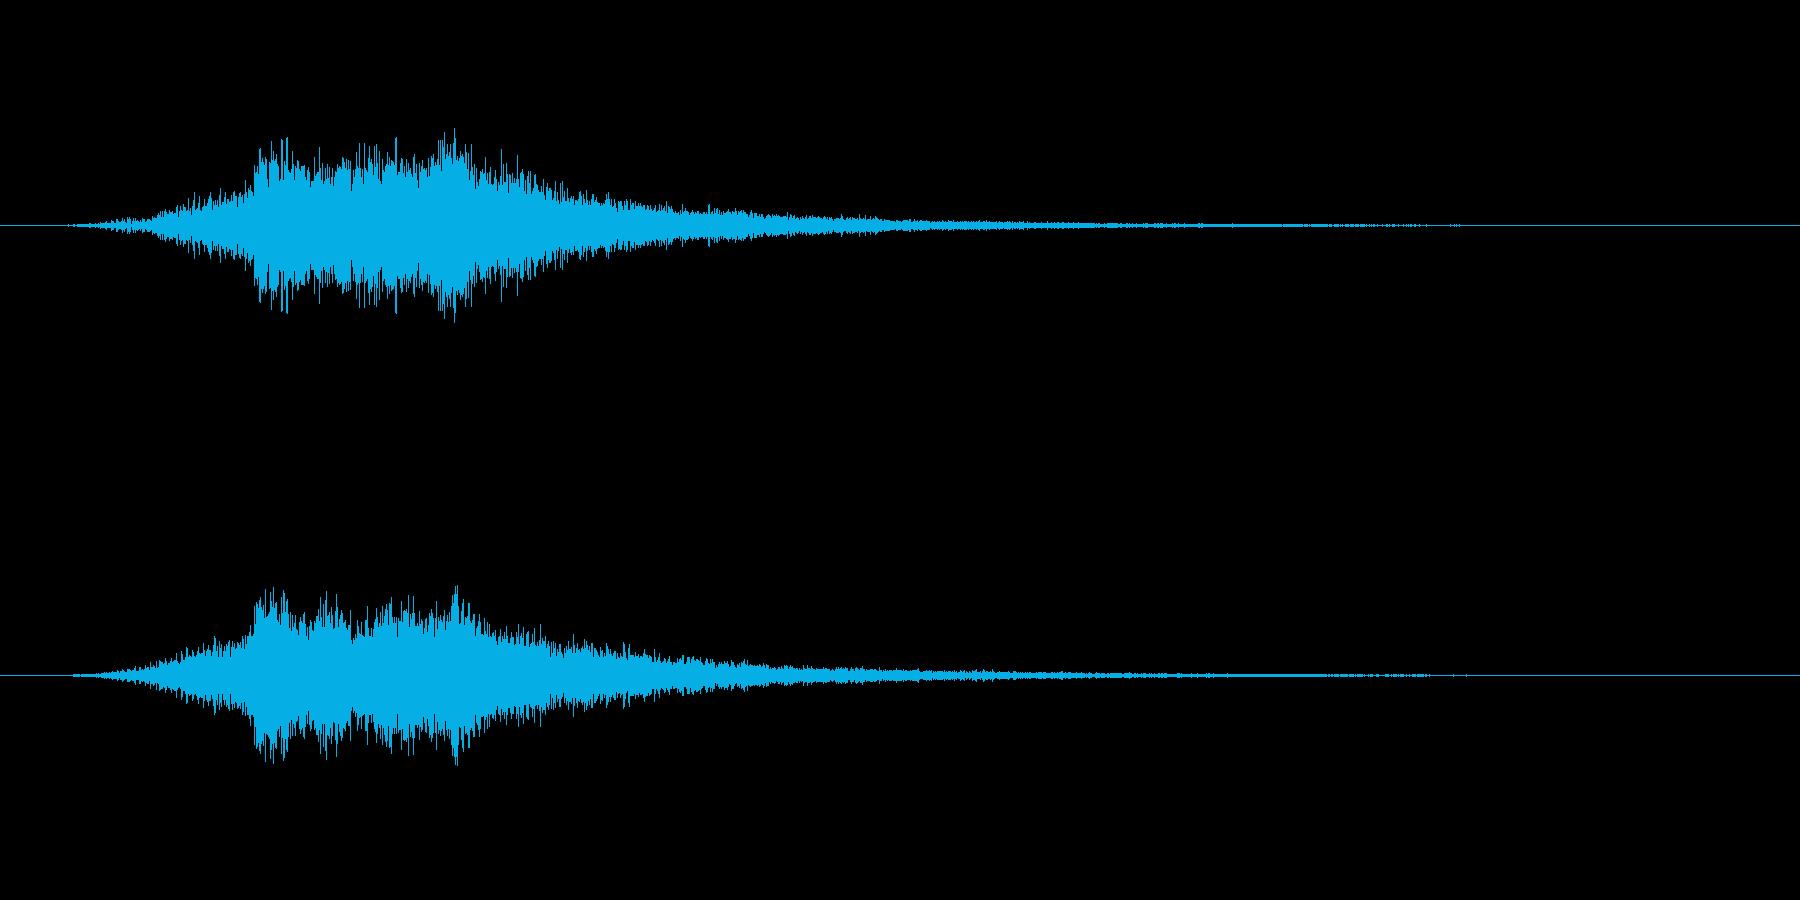 柔らかなパソコンの起動音のような音の再生済みの波形